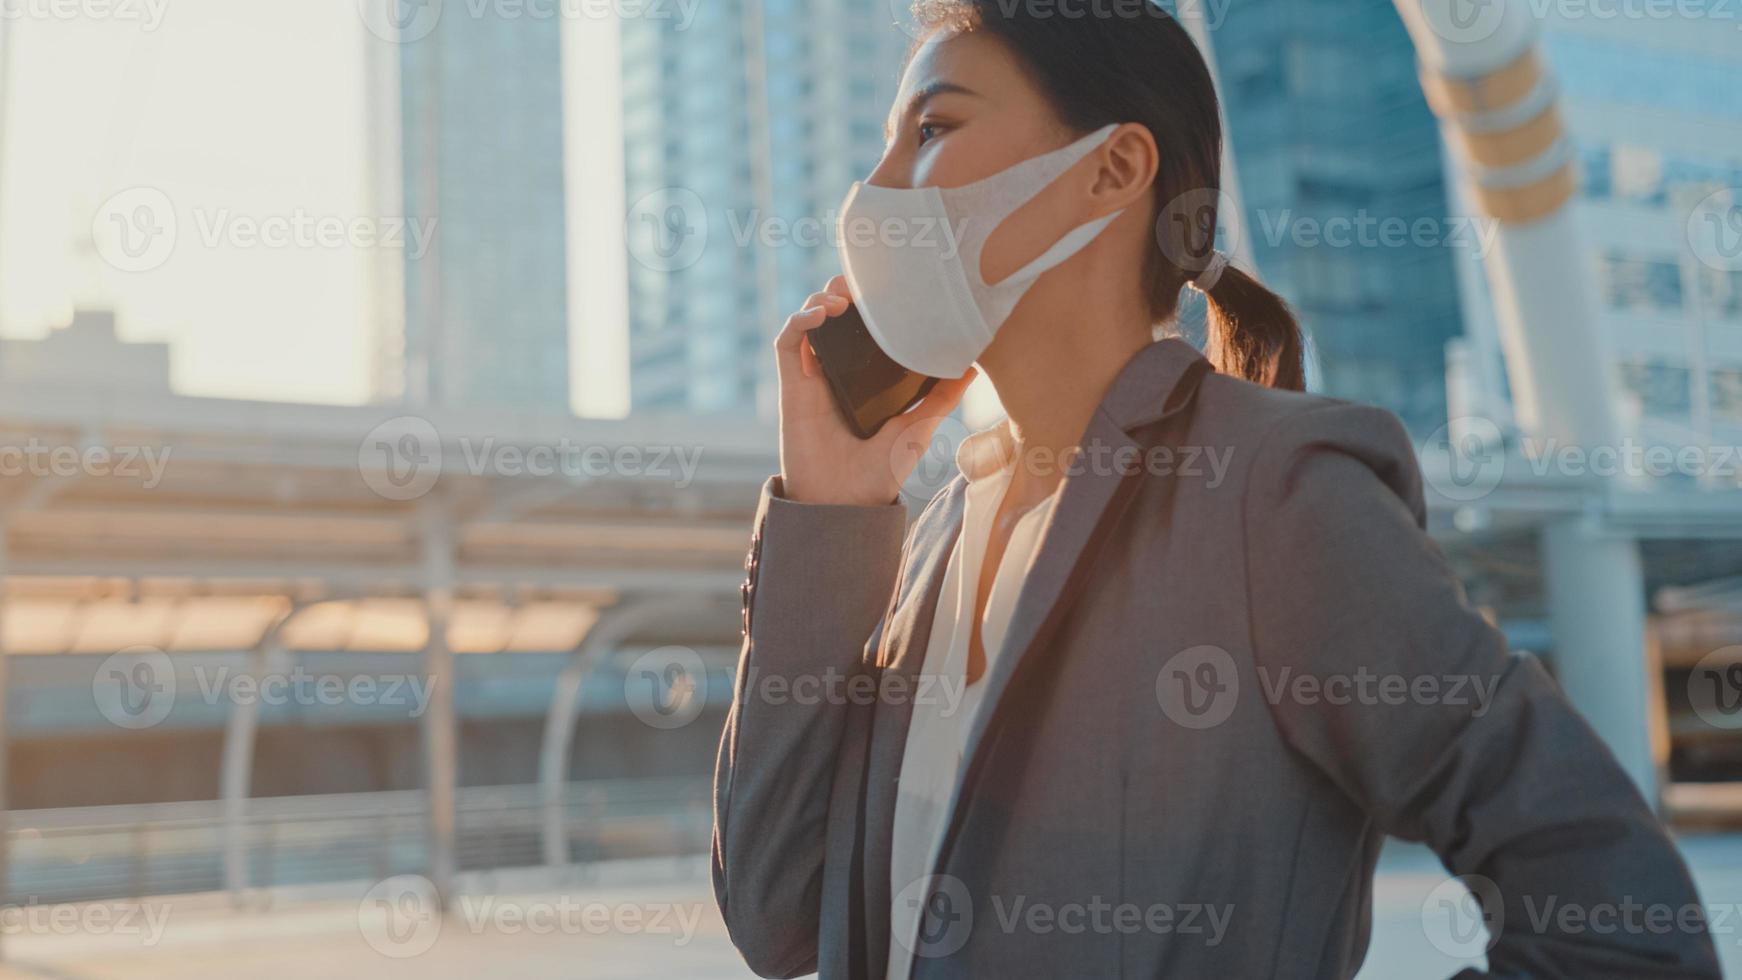 joven empresaria de asia en la oficina de moda vestir usar mascarilla médica hablar por teléfono mientras camina sola al aire libre en la ciudad urbana. negocio en marcha, distanciamiento social para evitar la propagación del concepto covid-19. foto